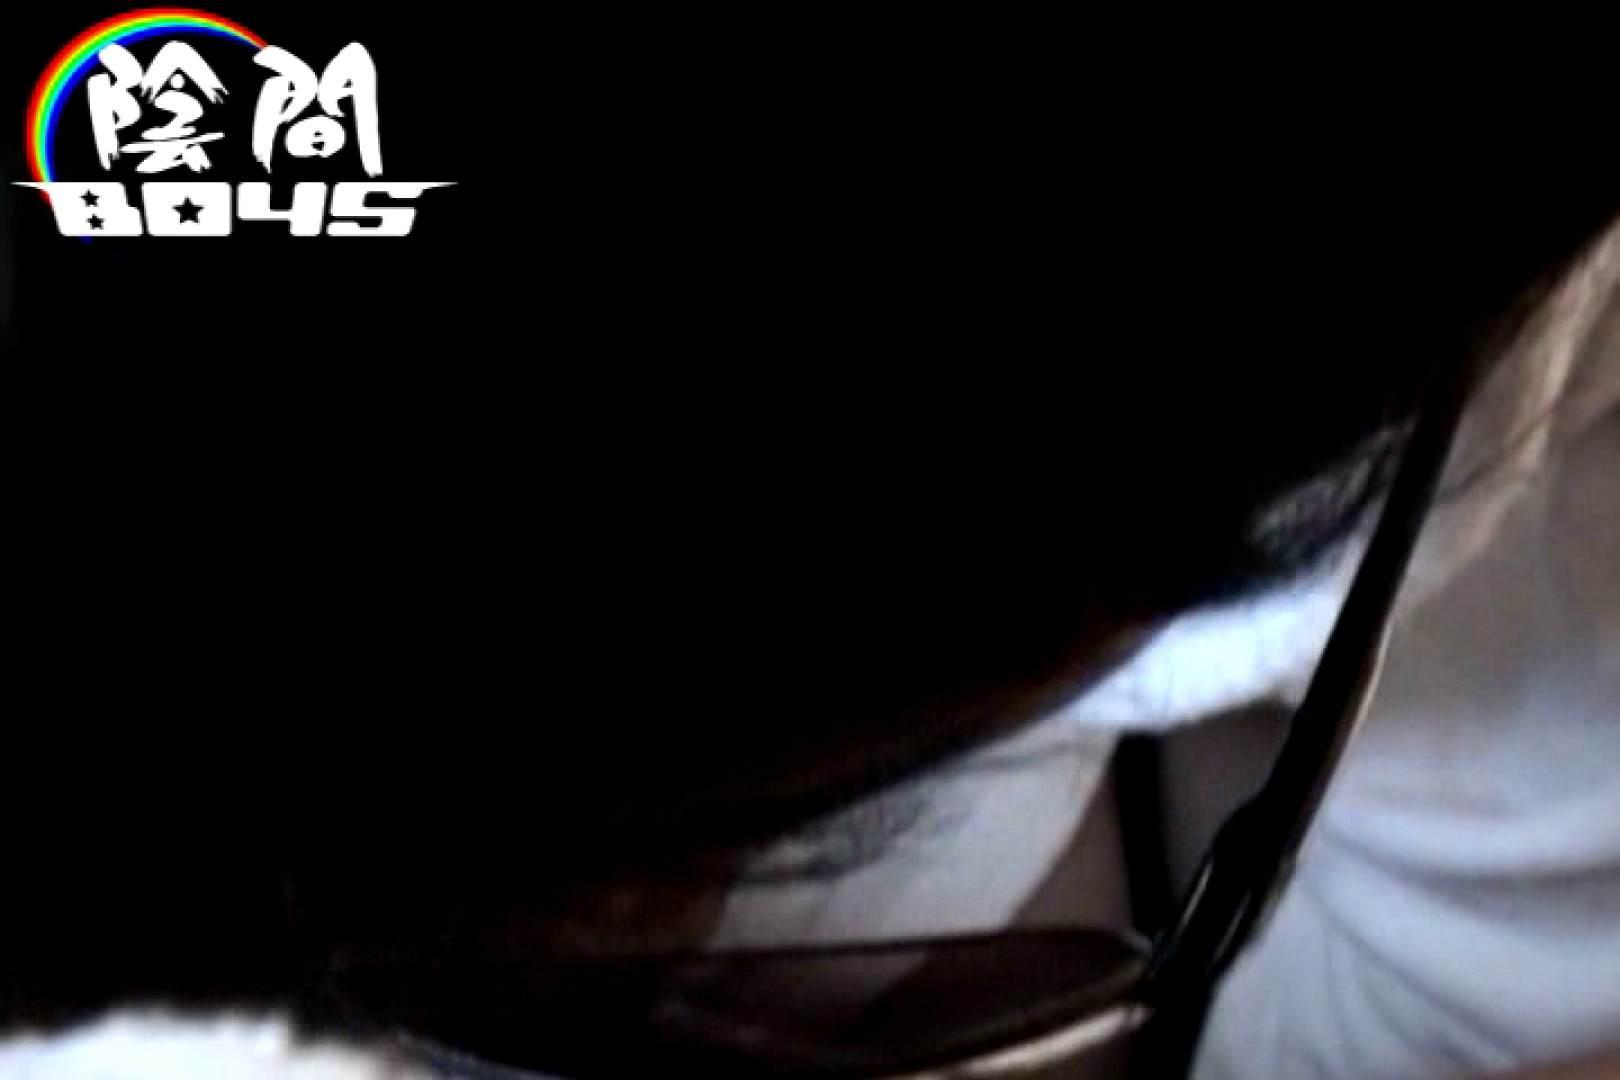 陰間BOYS~Mixed Hot-Guy~02 無修正 ゲイ無修正ビデオ画像 45pic 18